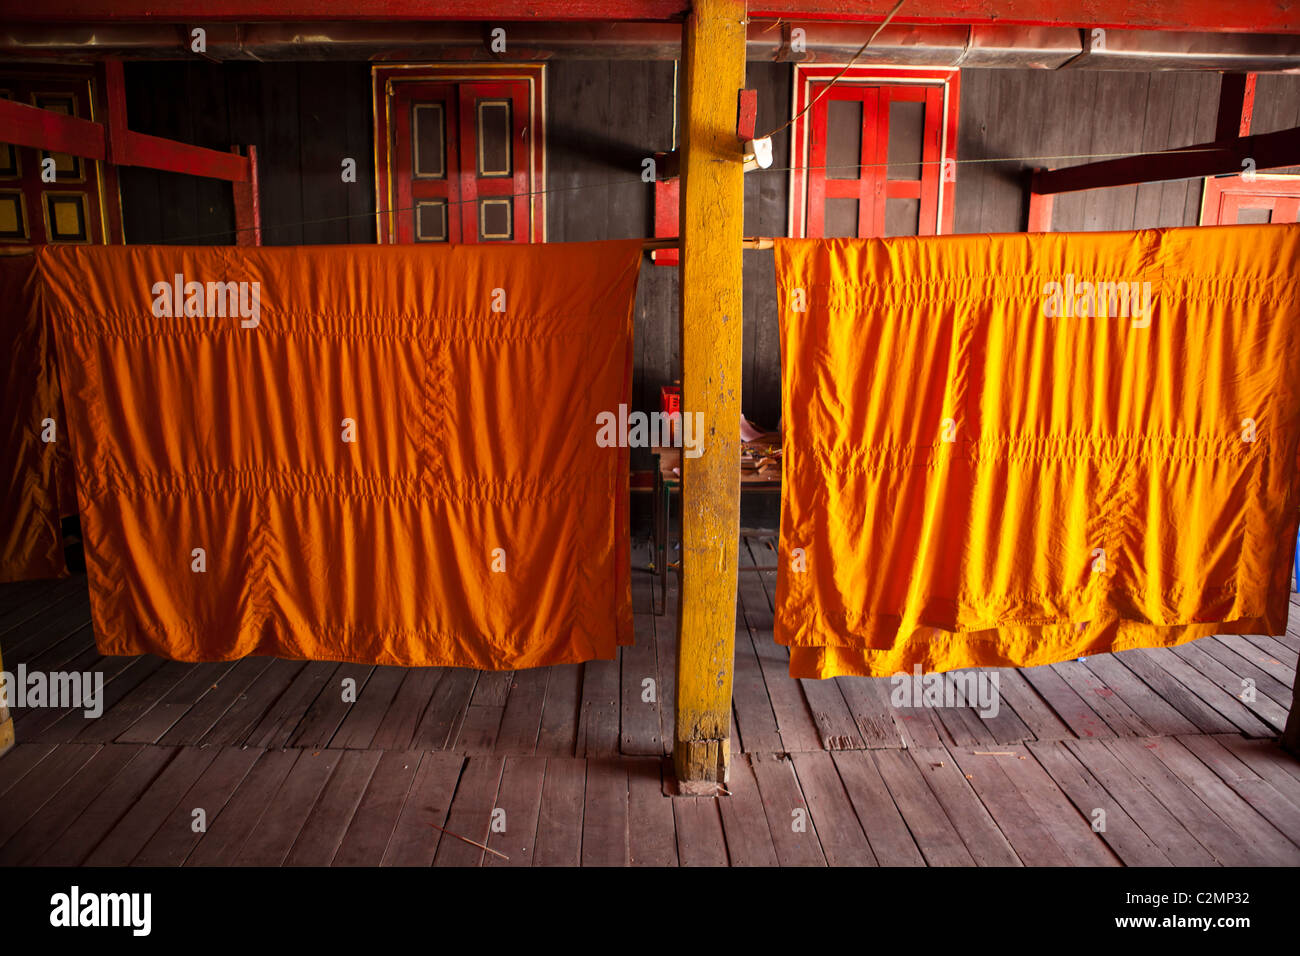 Trockene Wäsche Zeichenfolge buddhistischer Mönch Gewand in Wat Si Rong Mueang, Lampang, Thailand Stockbild